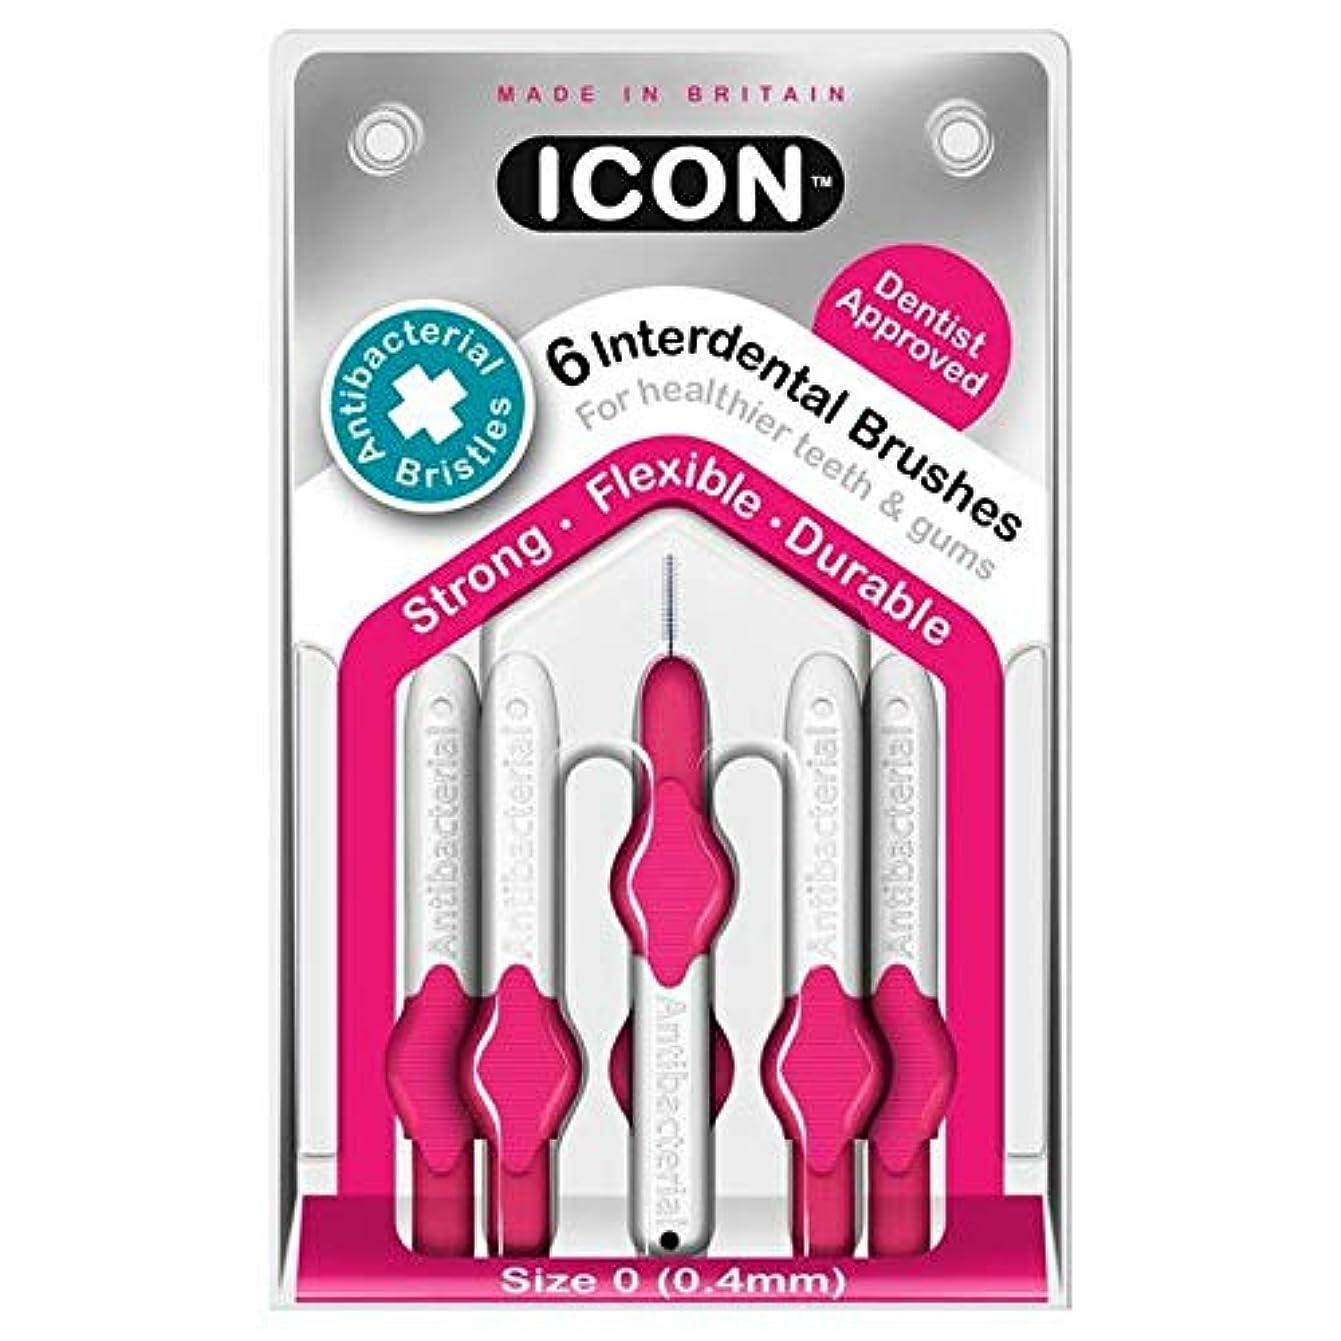 [Icon ] アイコンの歯間には、パックあたり0.4ミリメートル6ブラシ - Icon Interdental Brushes 0.4mm 6 per pack [並行輸入品]